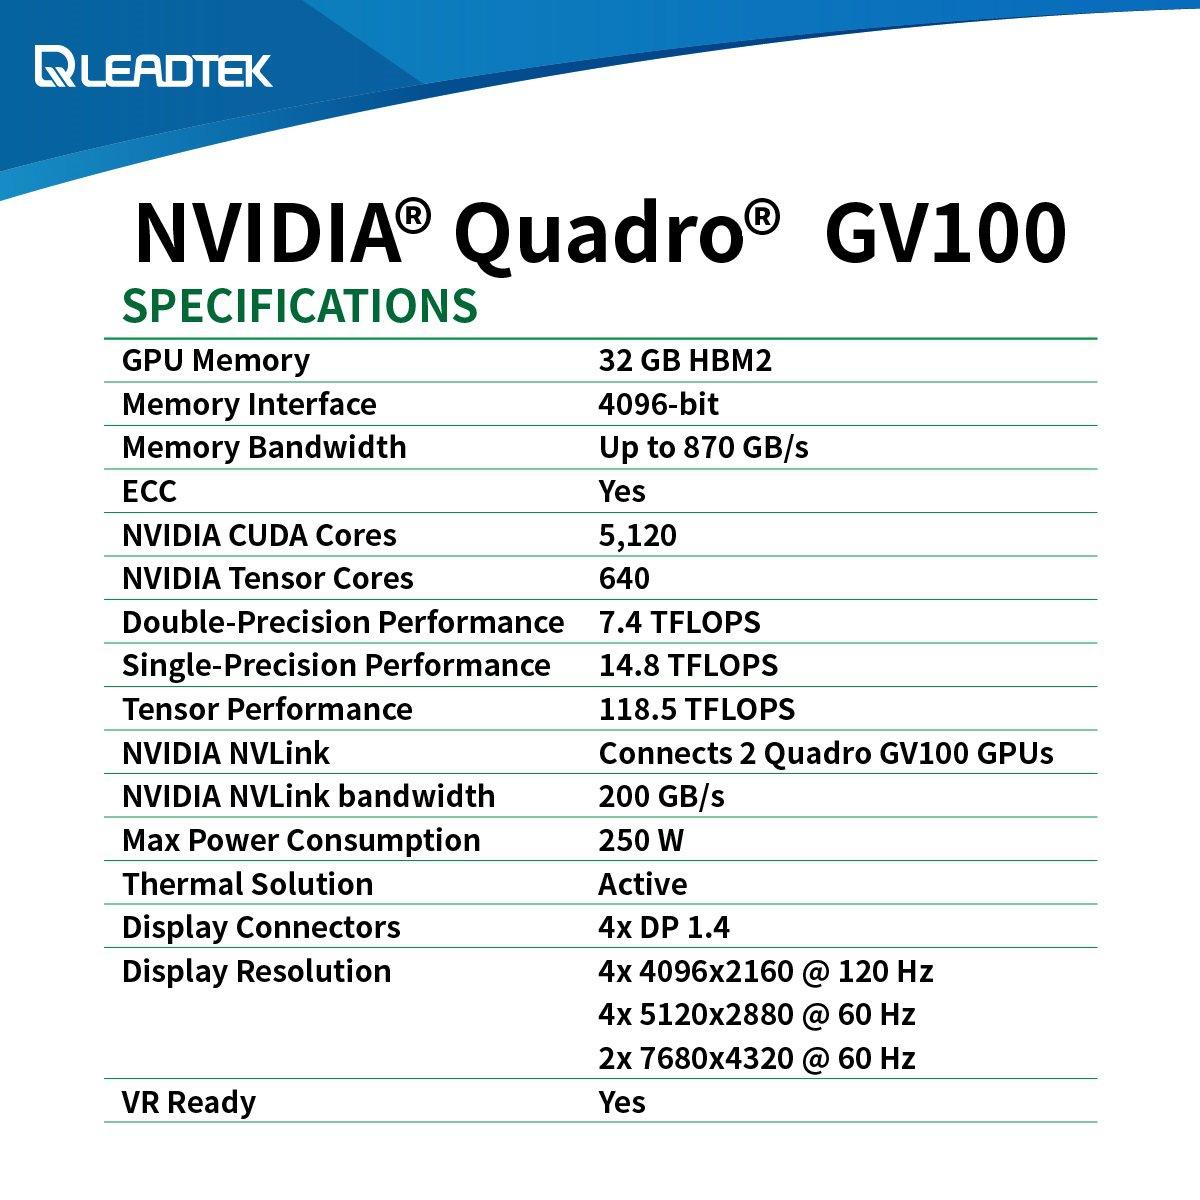 NHÀ SẢN XUẤT LEADTEK TUNG RA NVIDIA QUADRO GV100 - HƯỚNG TỚI